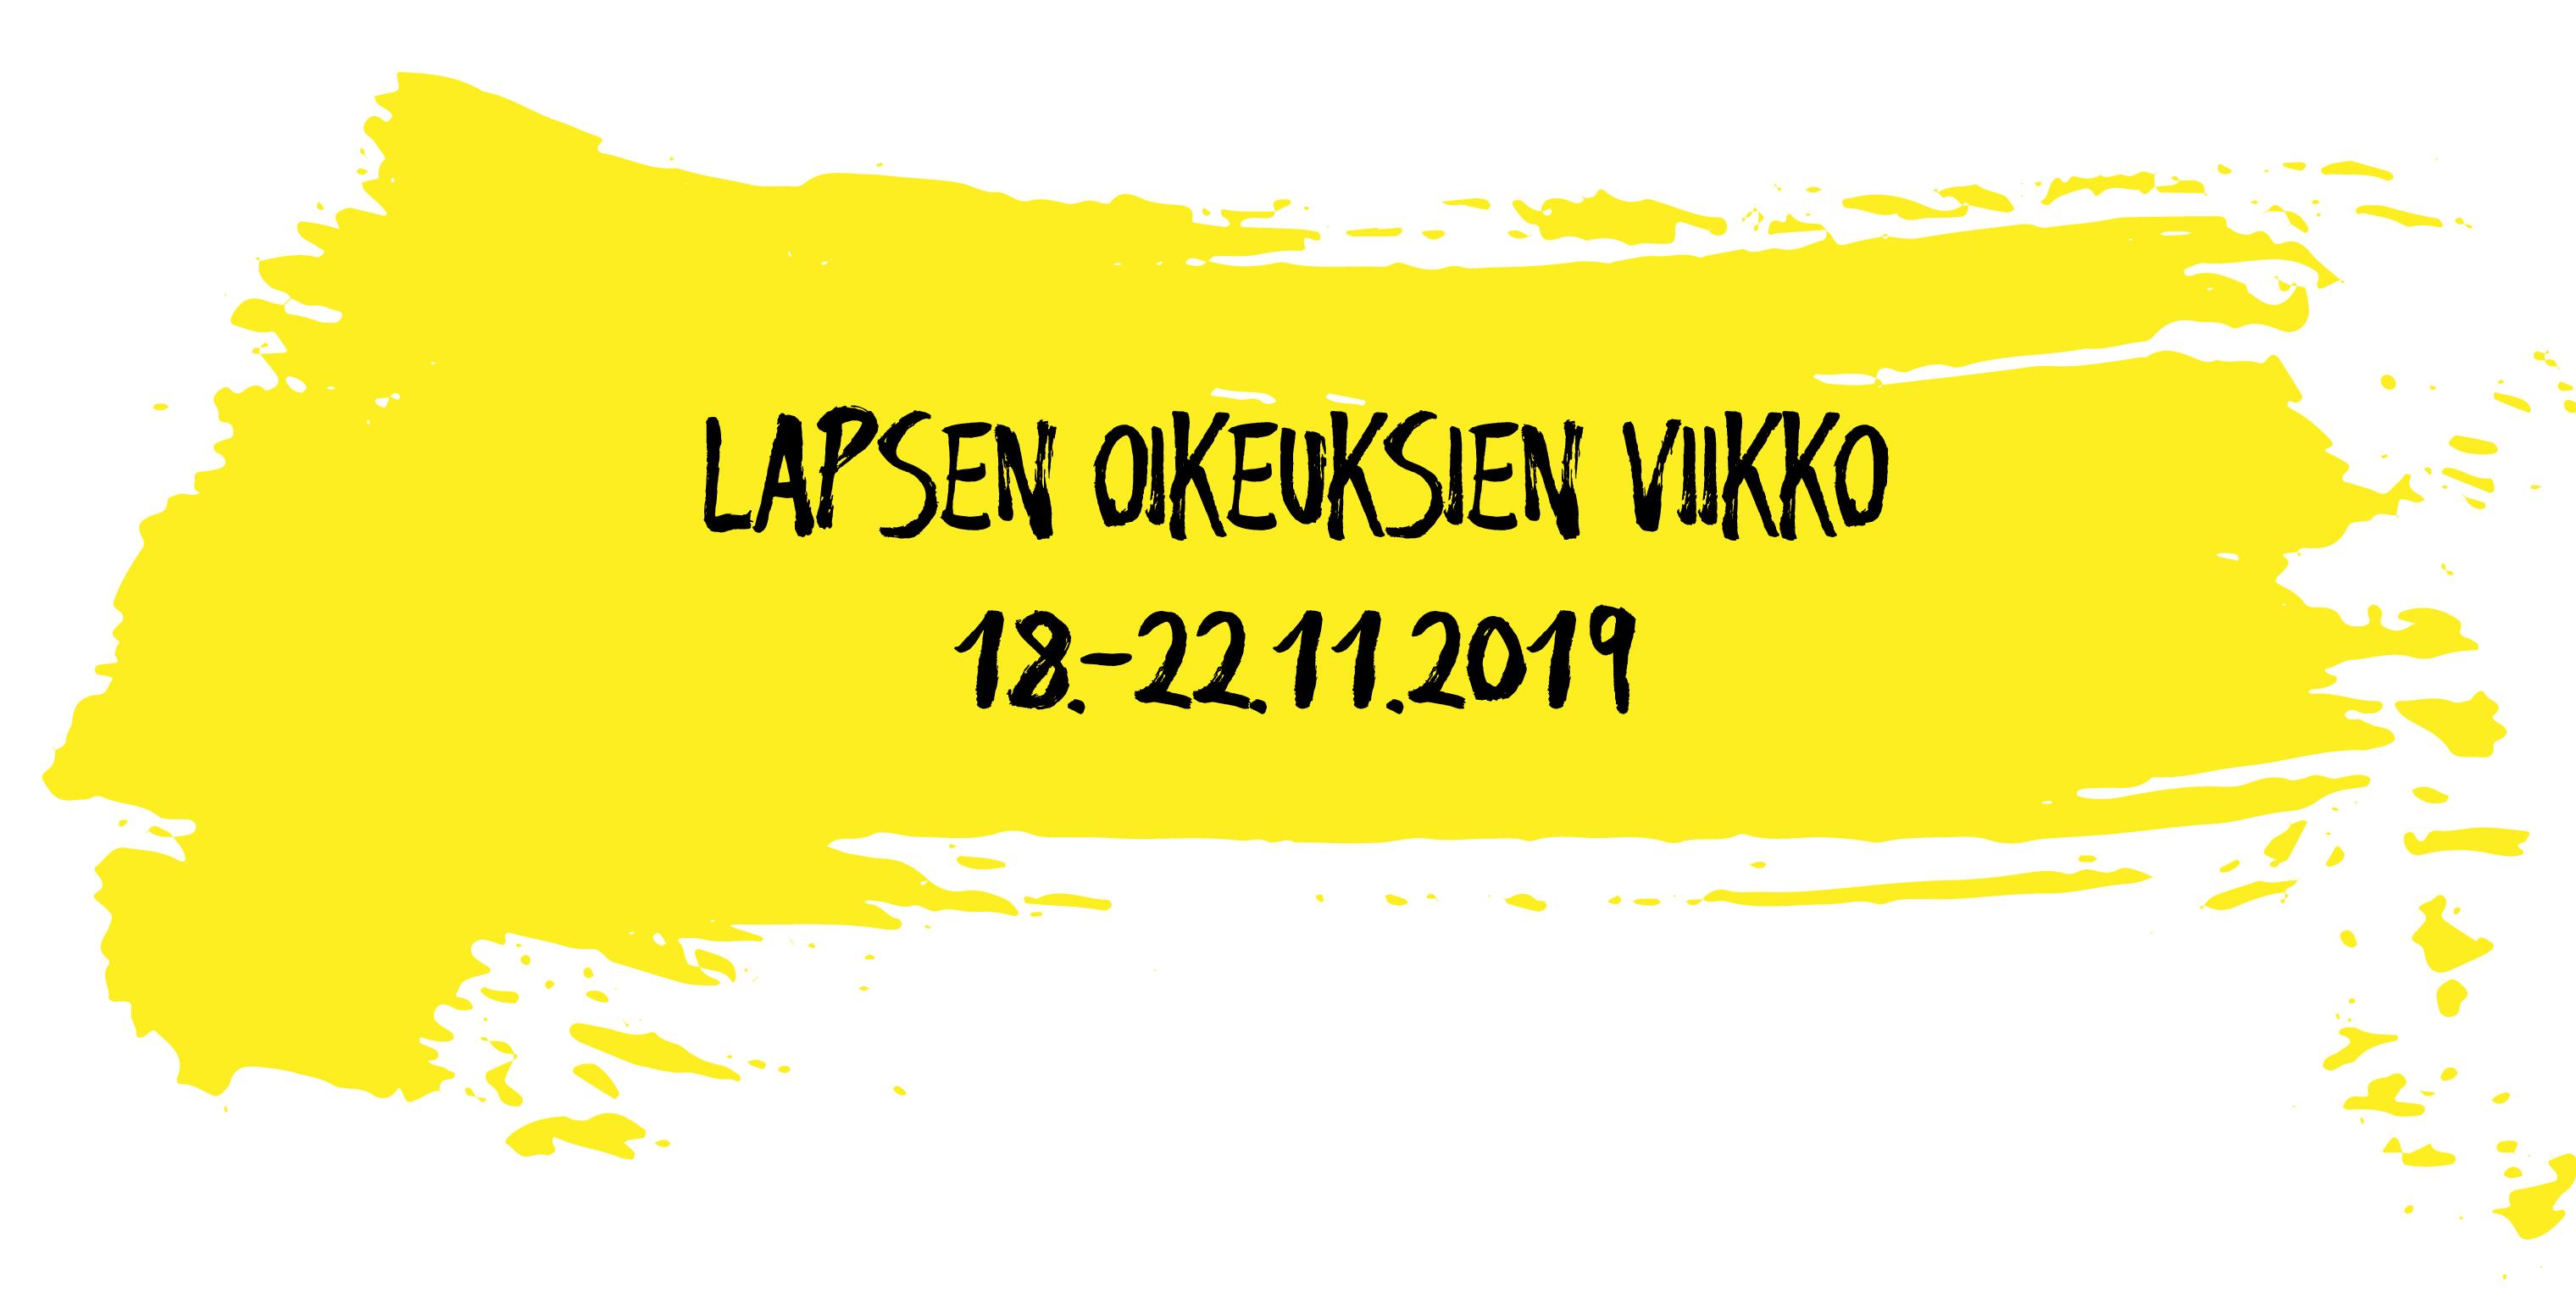 Koulujen Lomat 2021 Oulu